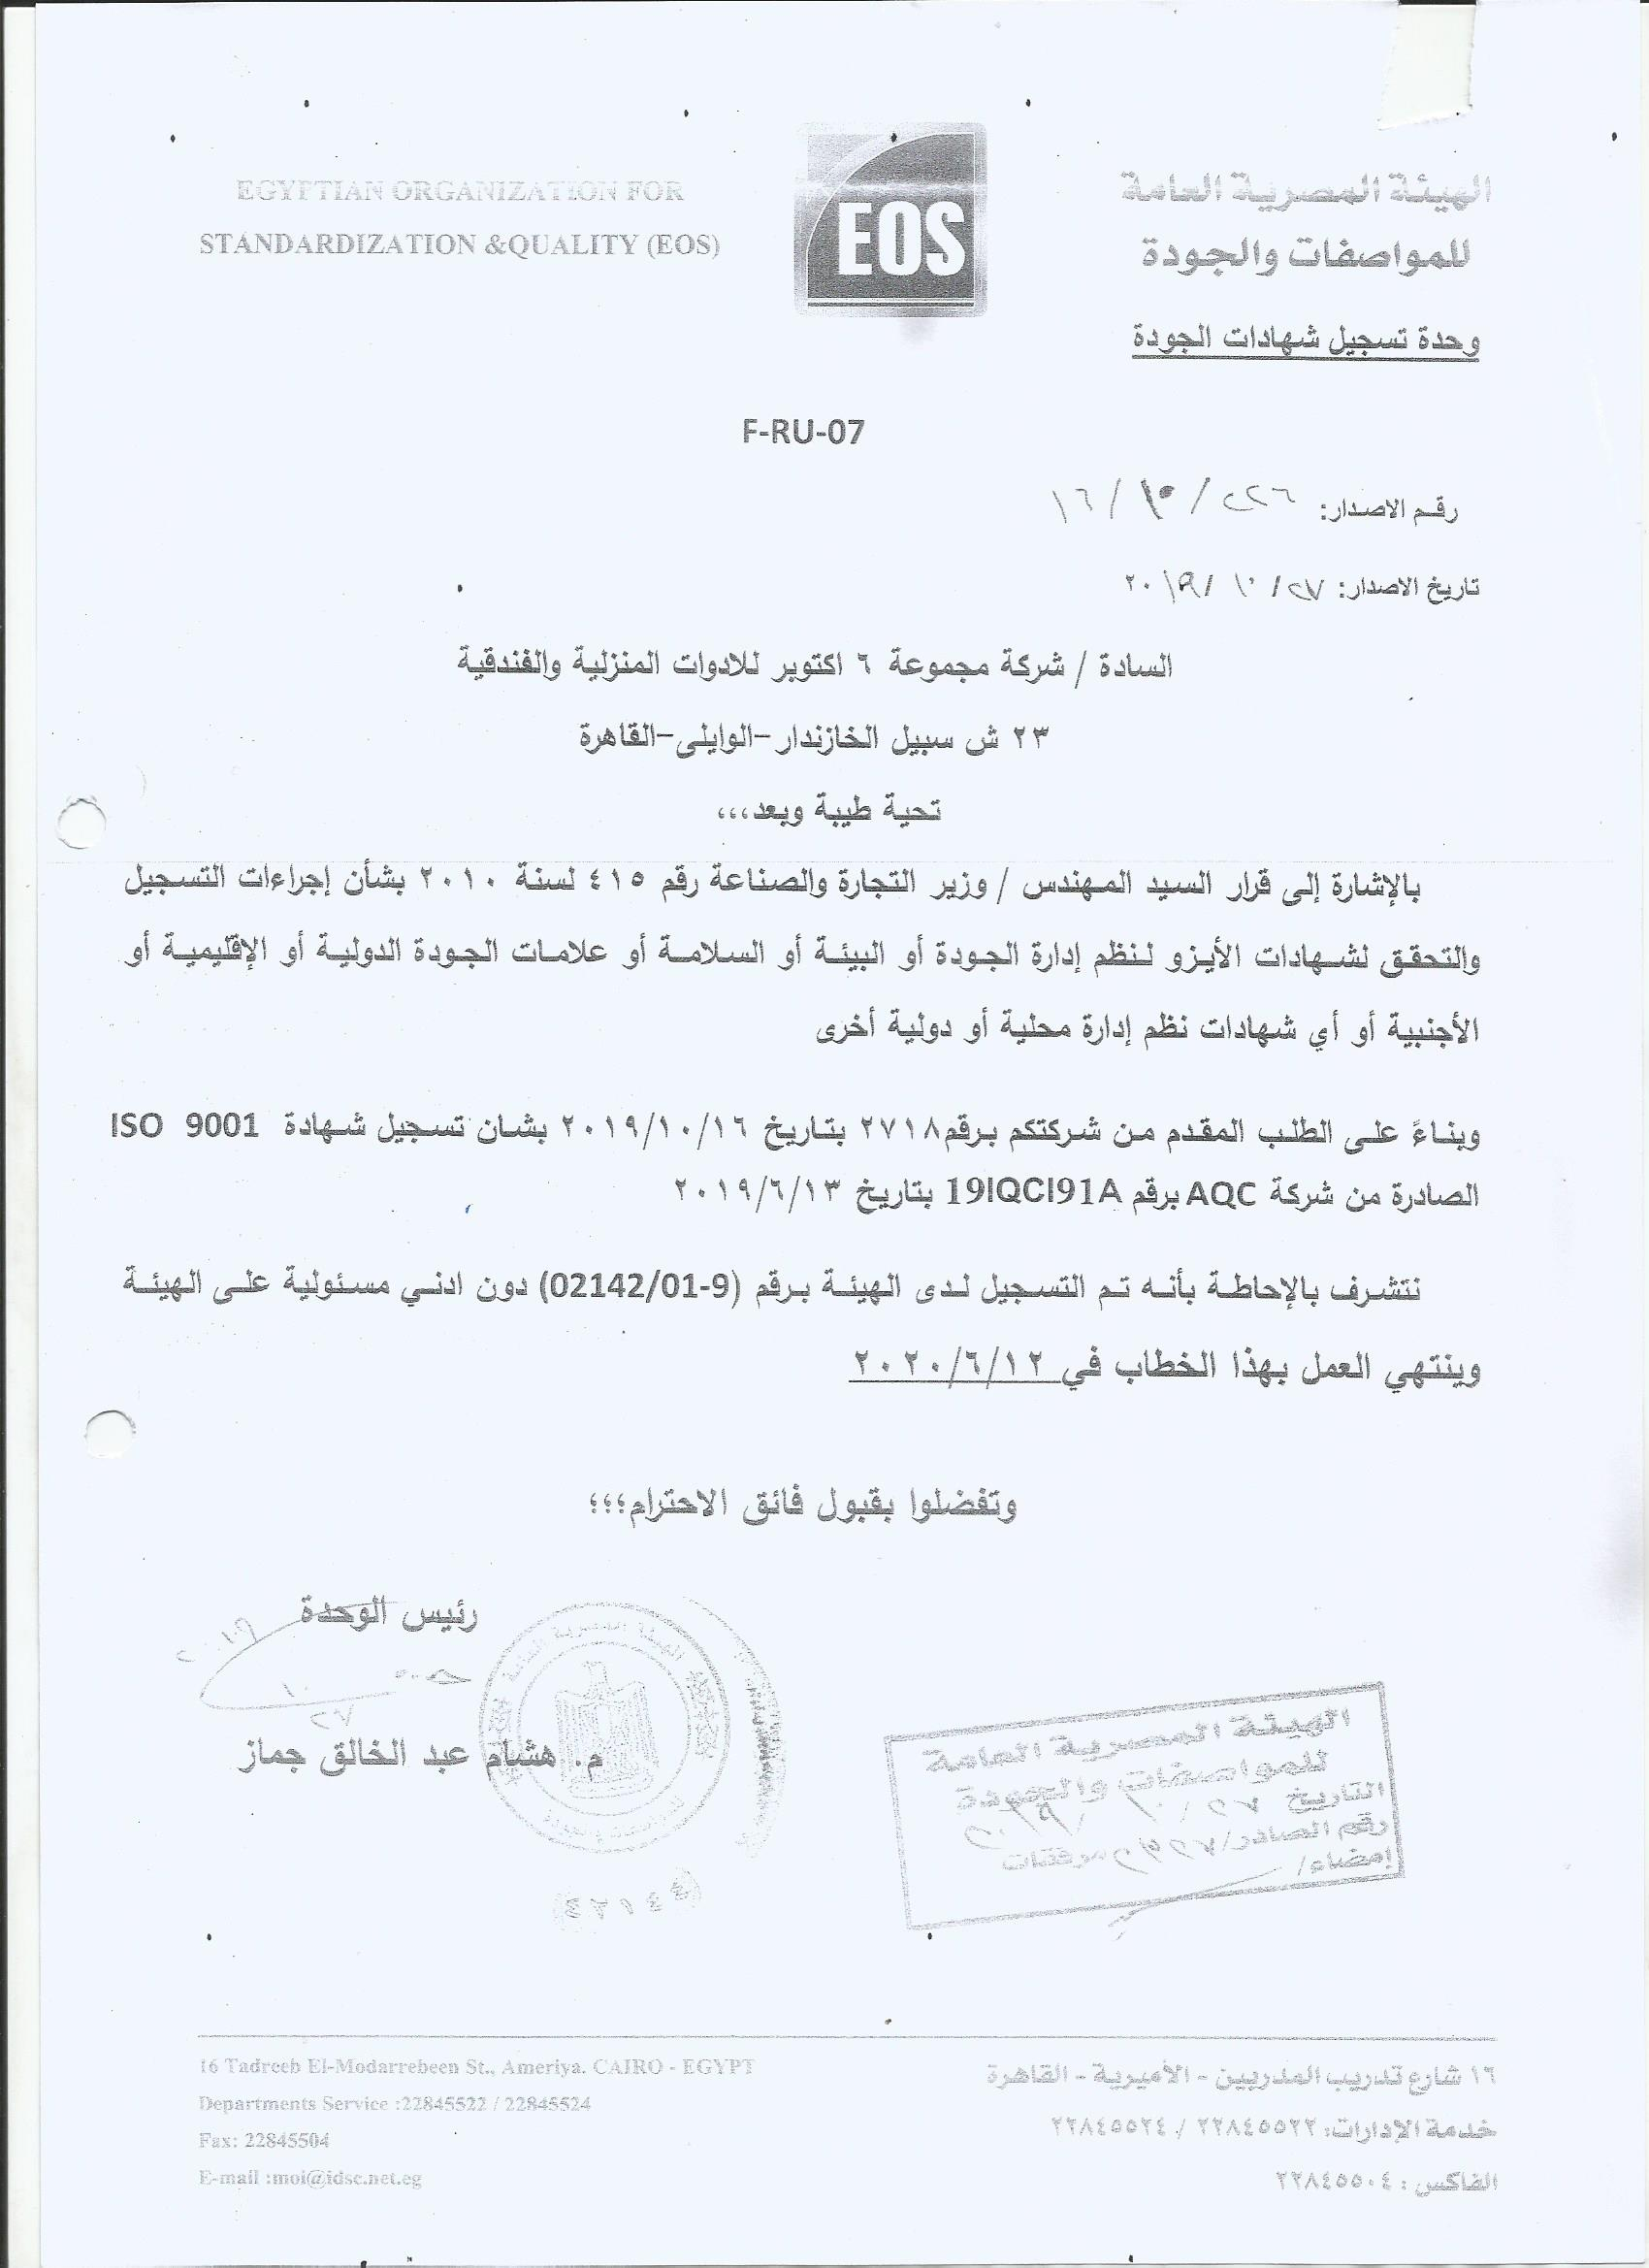 خطاب تفويض الهيئة السعودية للمهندسين